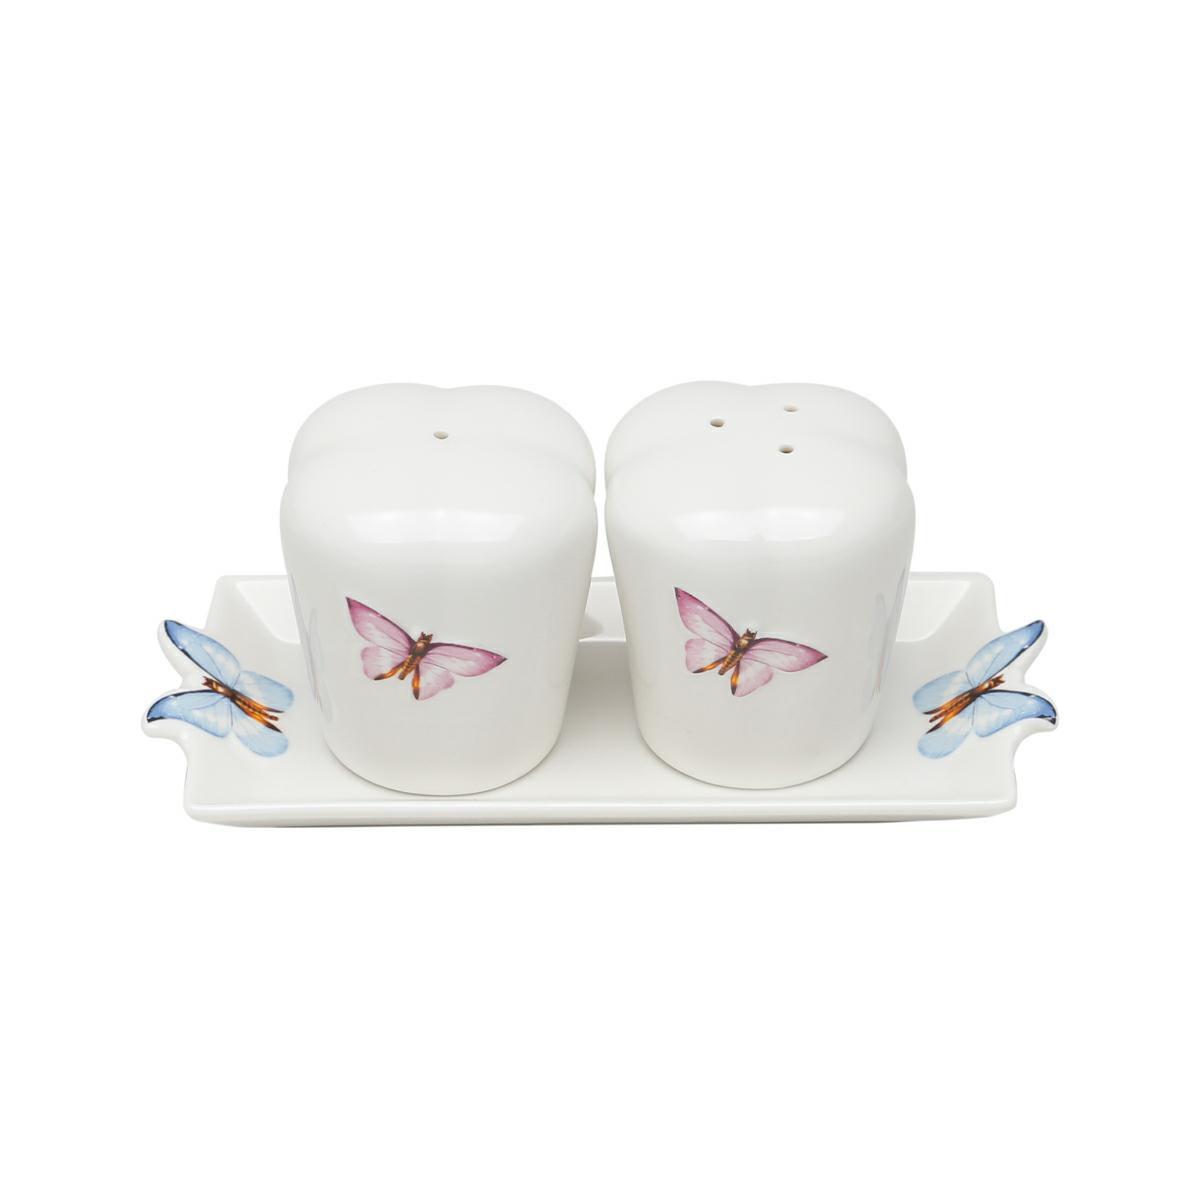 Conjunto 3 peças saleiro e pimenteiro de porcelana branca com bandeja Borboletas Wolff - 25038